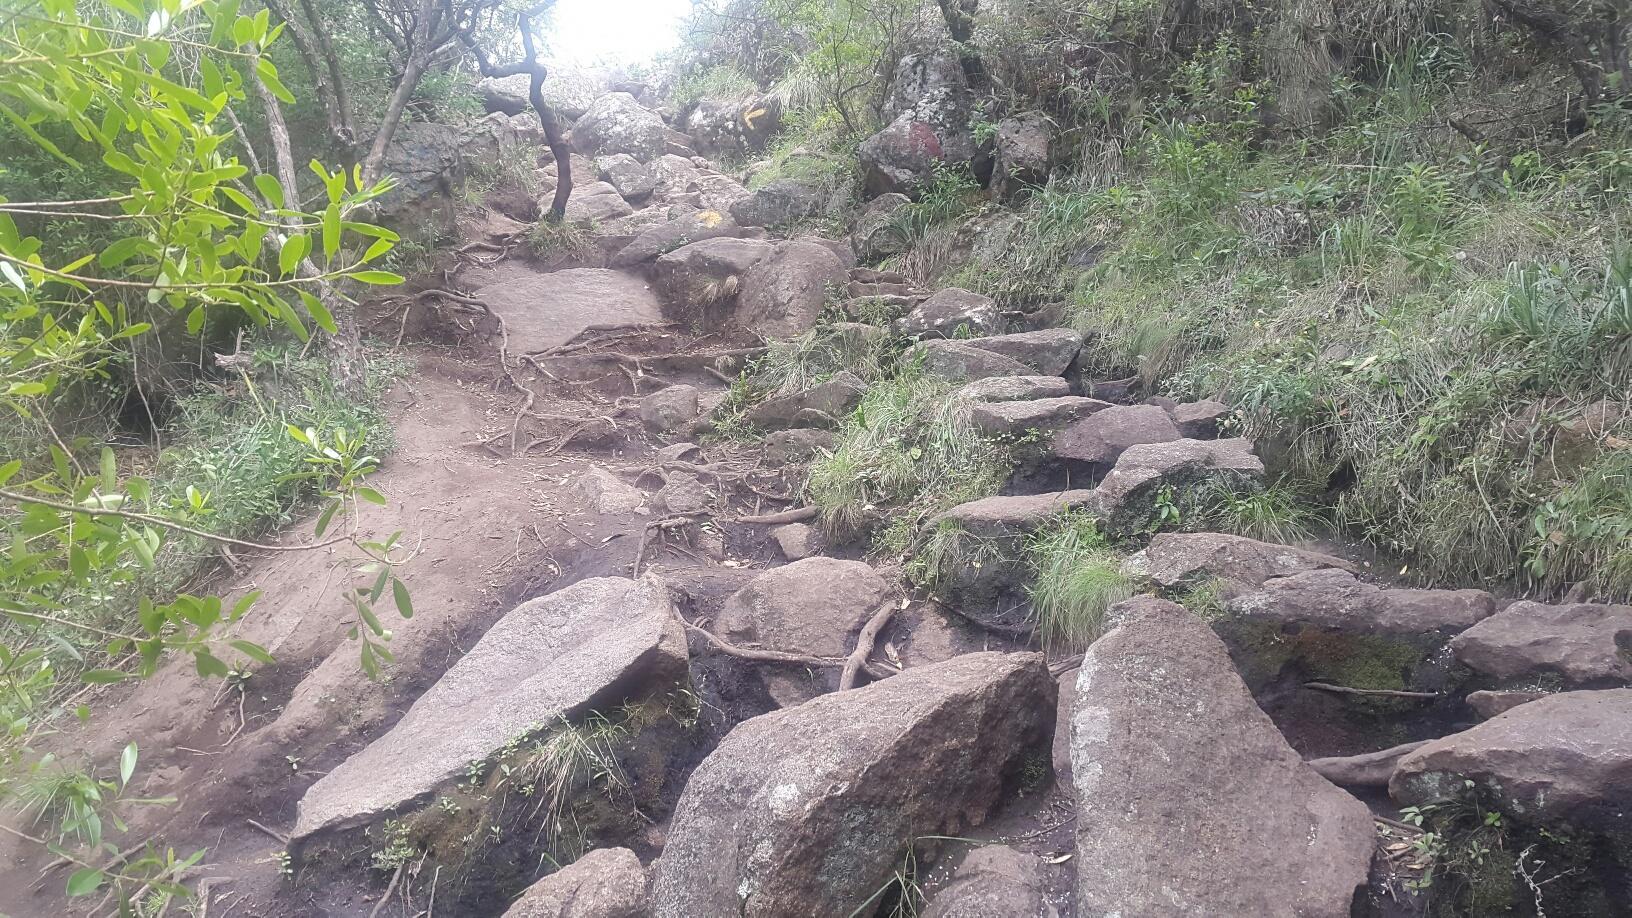 El trayecto para subir el Cerro Pan de Azúcar presenta muchas rocas y es conveniente tomar precauciones